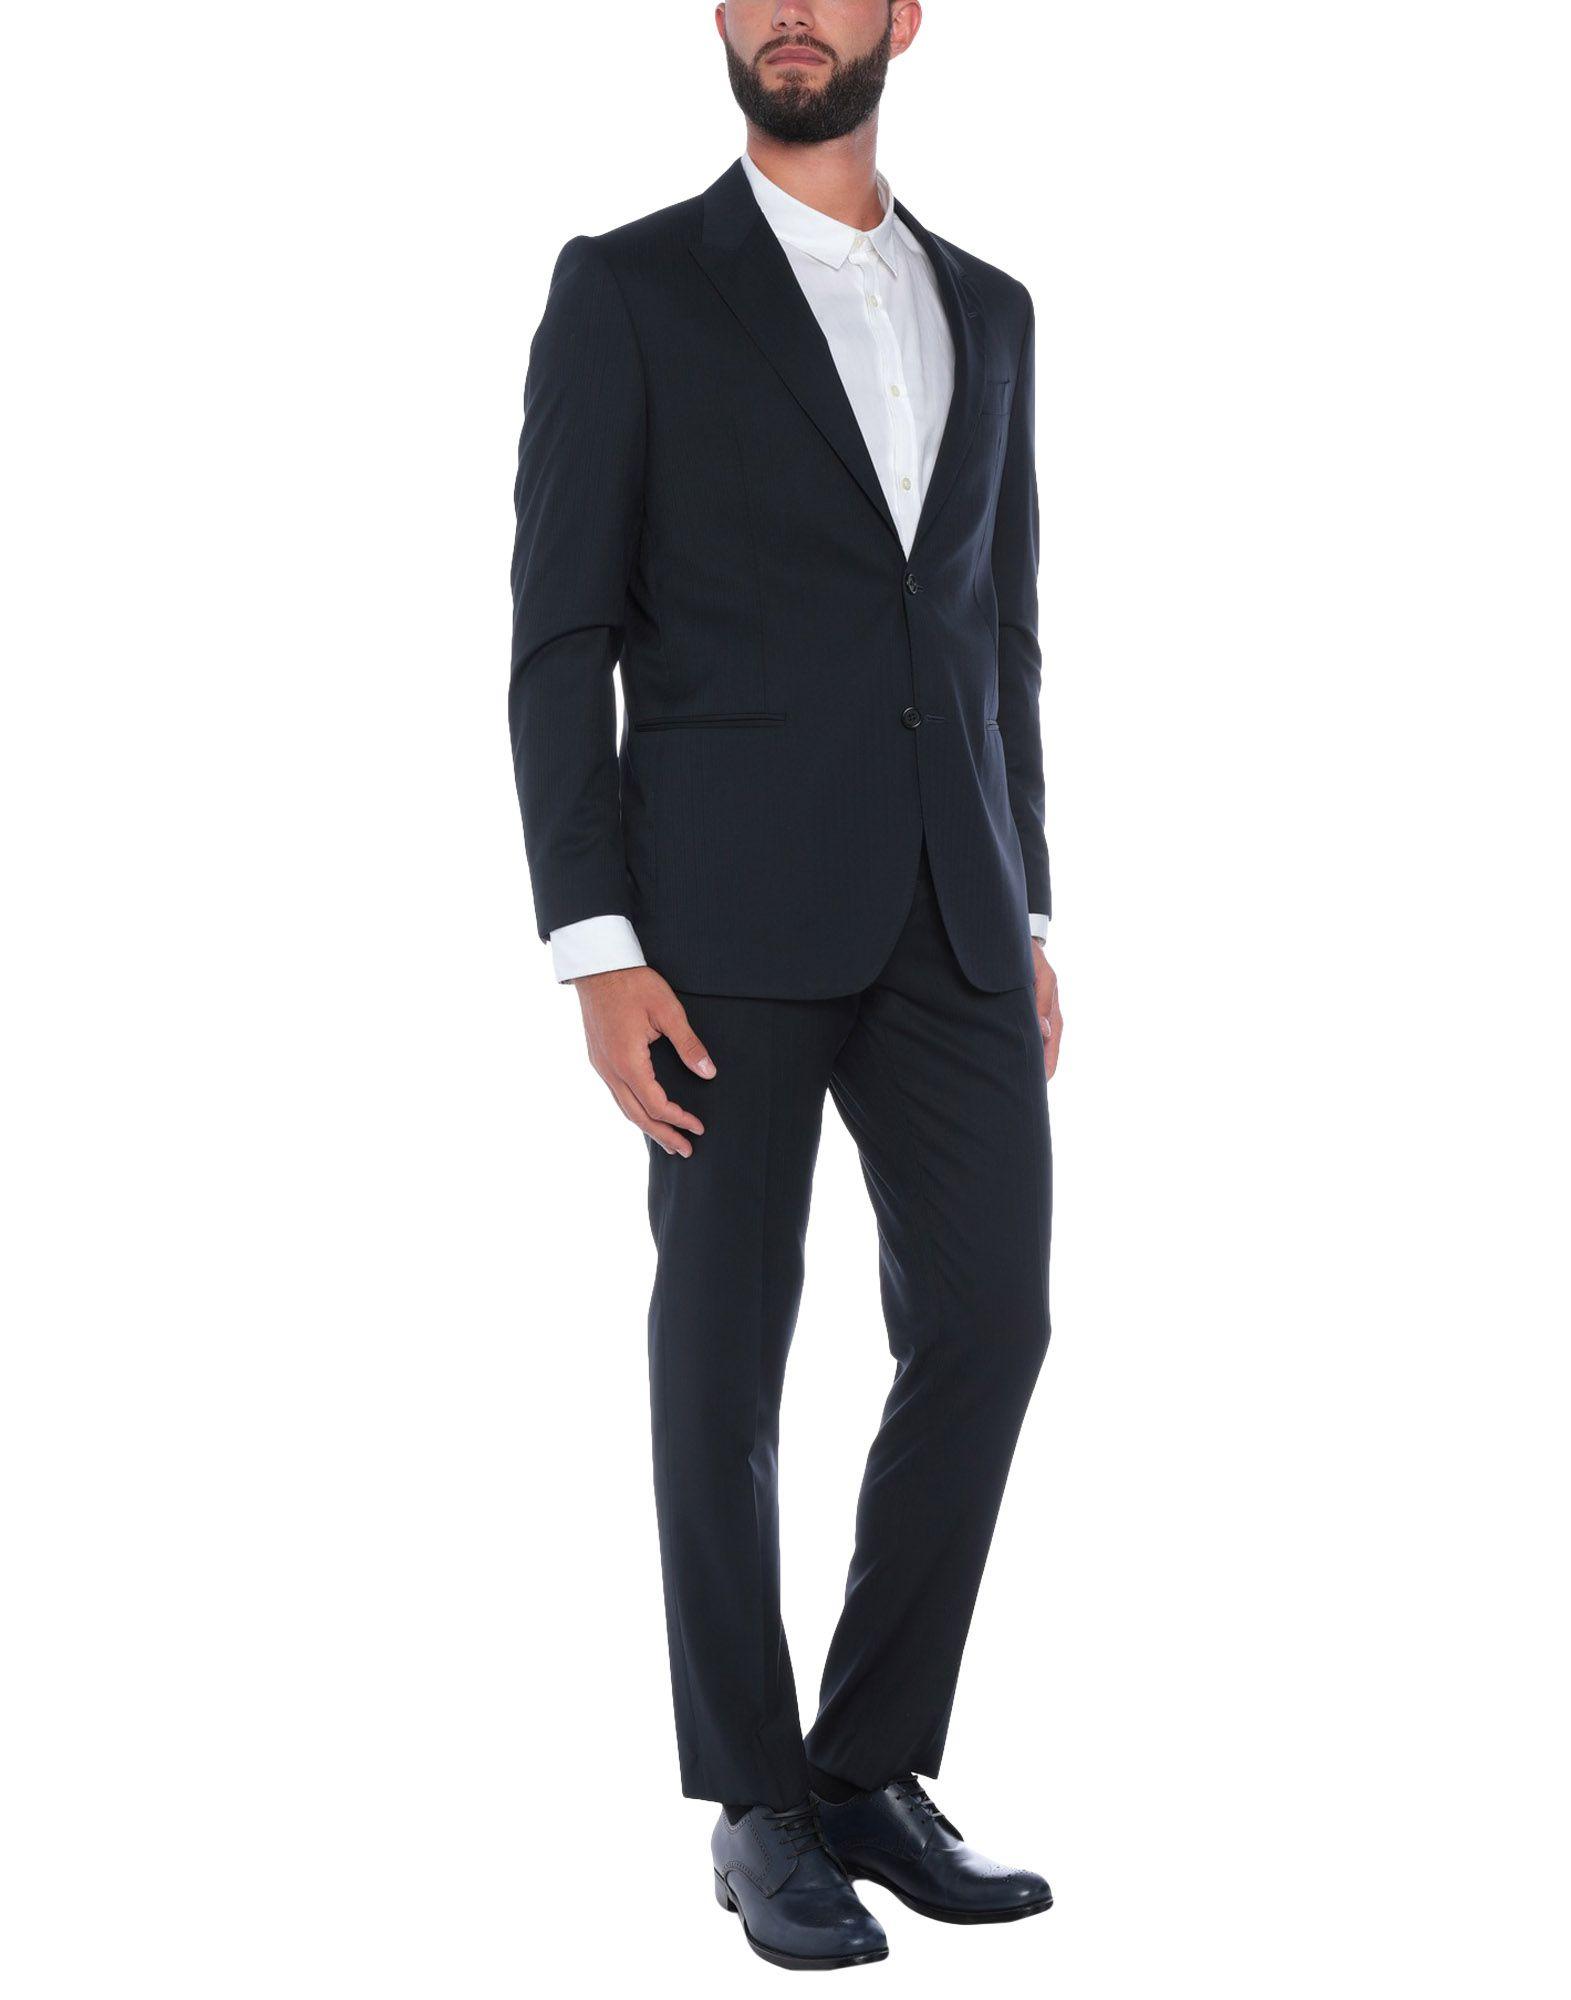 《送料無料》RIVIERA Milano メンズ スーツ ダークブルー 56 スーパー150 ウール 100%